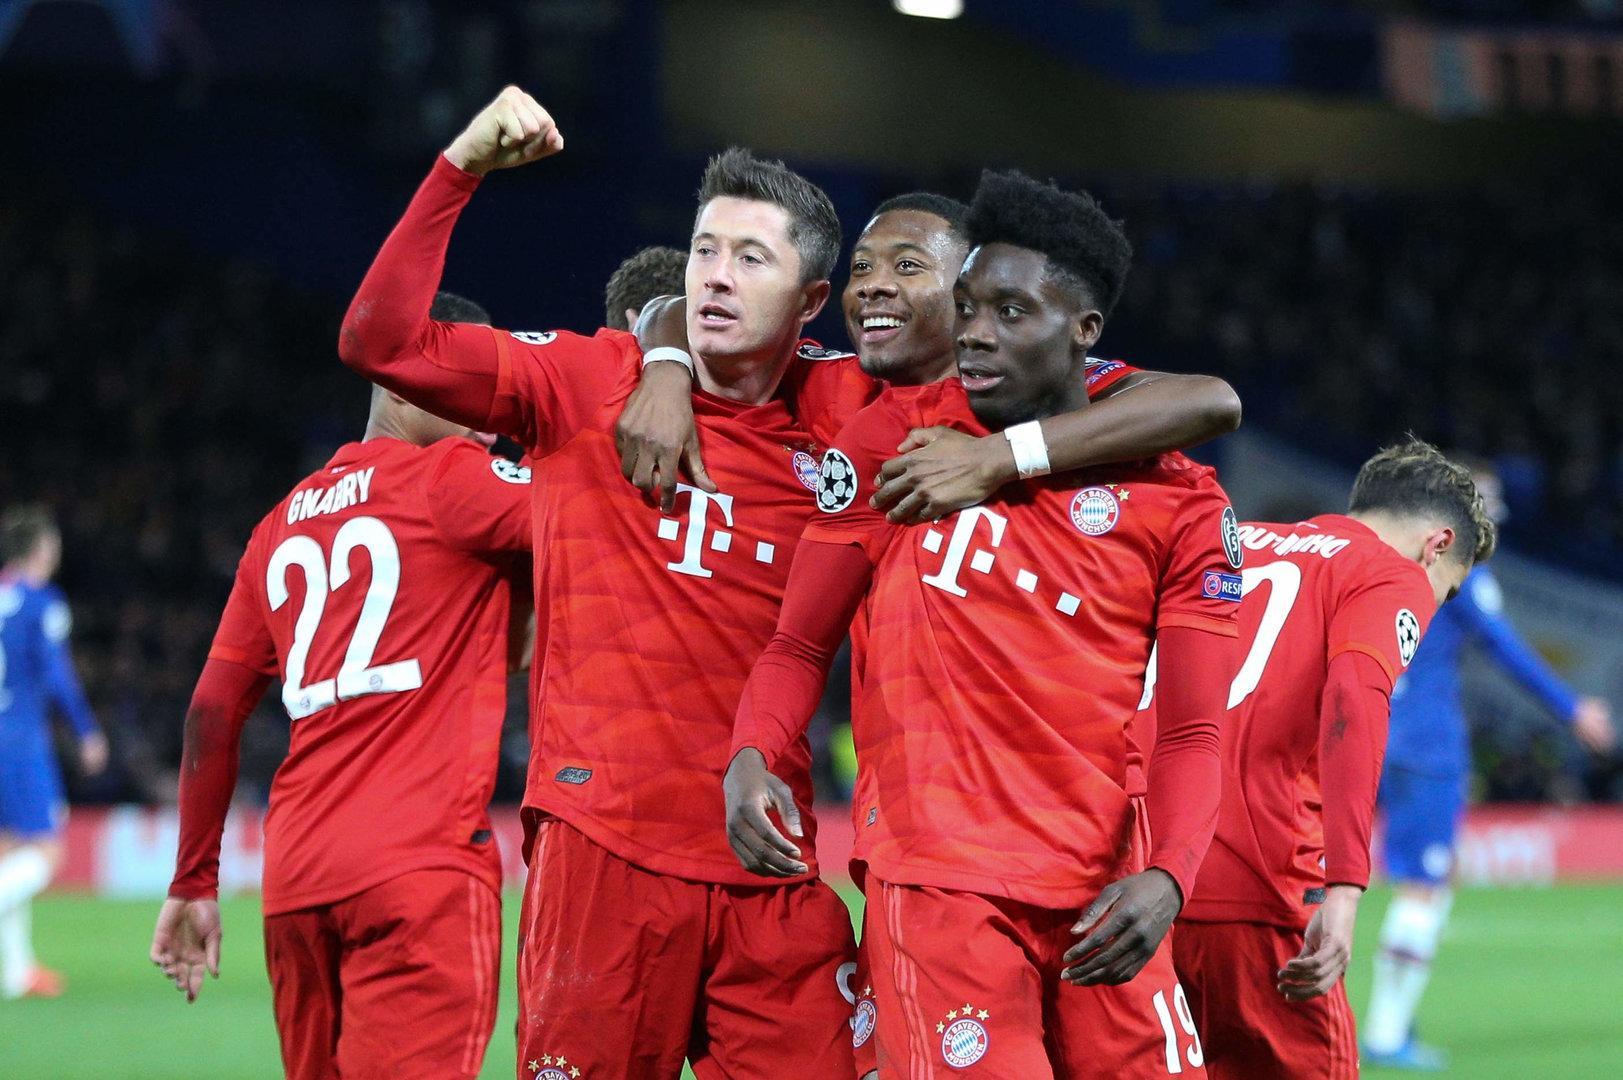 Angeblich alle 3 Tage Corona-Tests für deutsche Liga-Profis